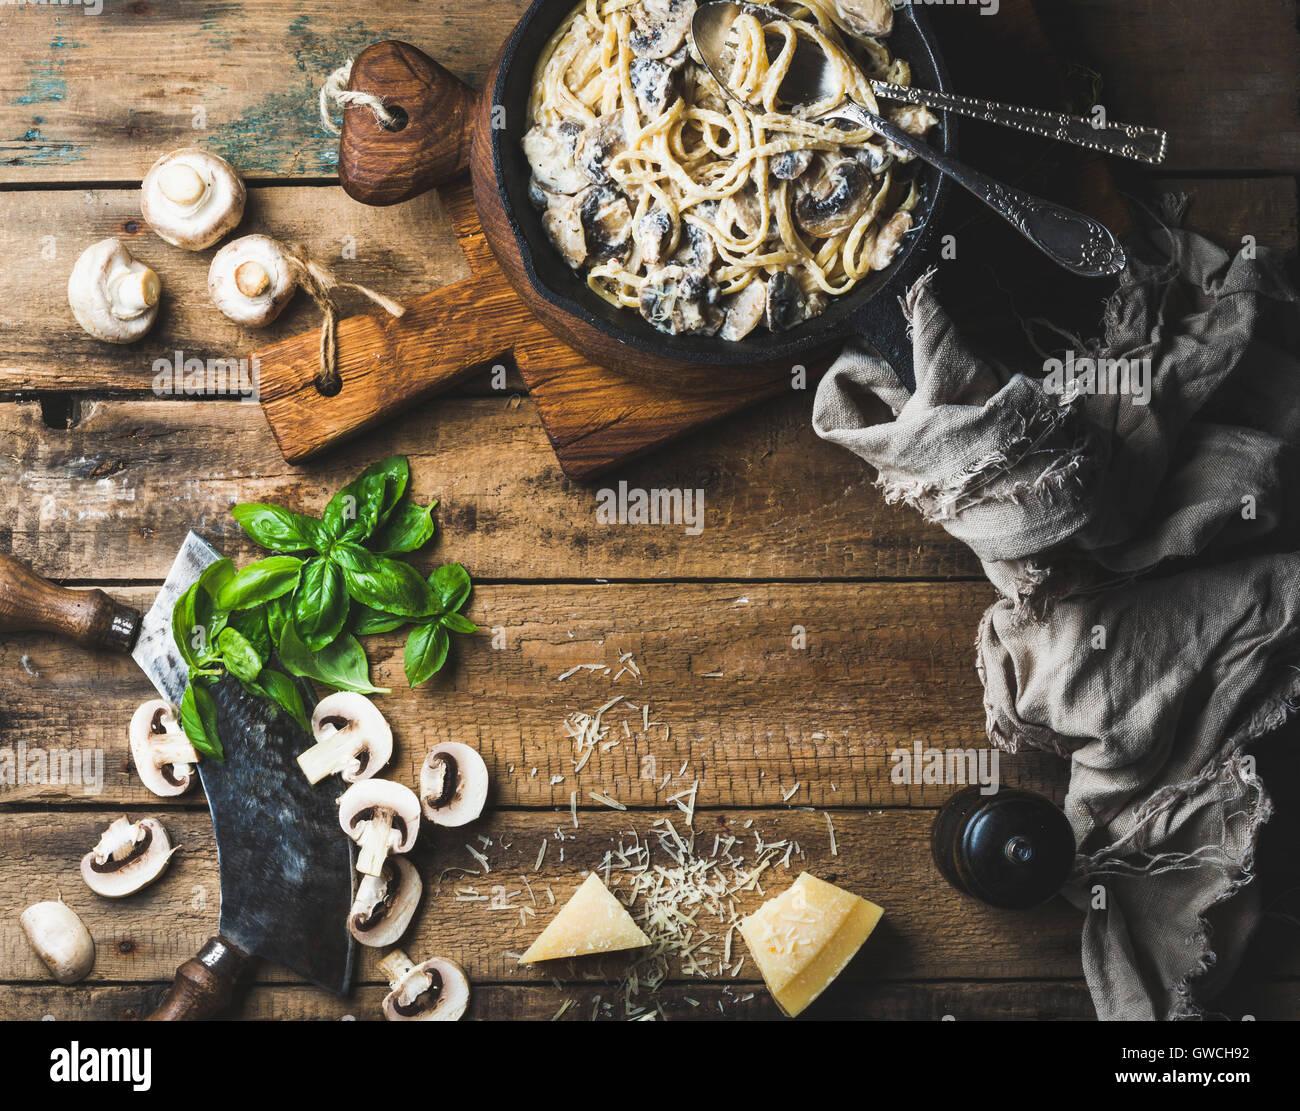 Abendessen im italienischen Stil mit Textfreiraum. Cremige Champignon Nudeln Spaghetti in Gusseisen Pfanne mit Parmesan Stockbild